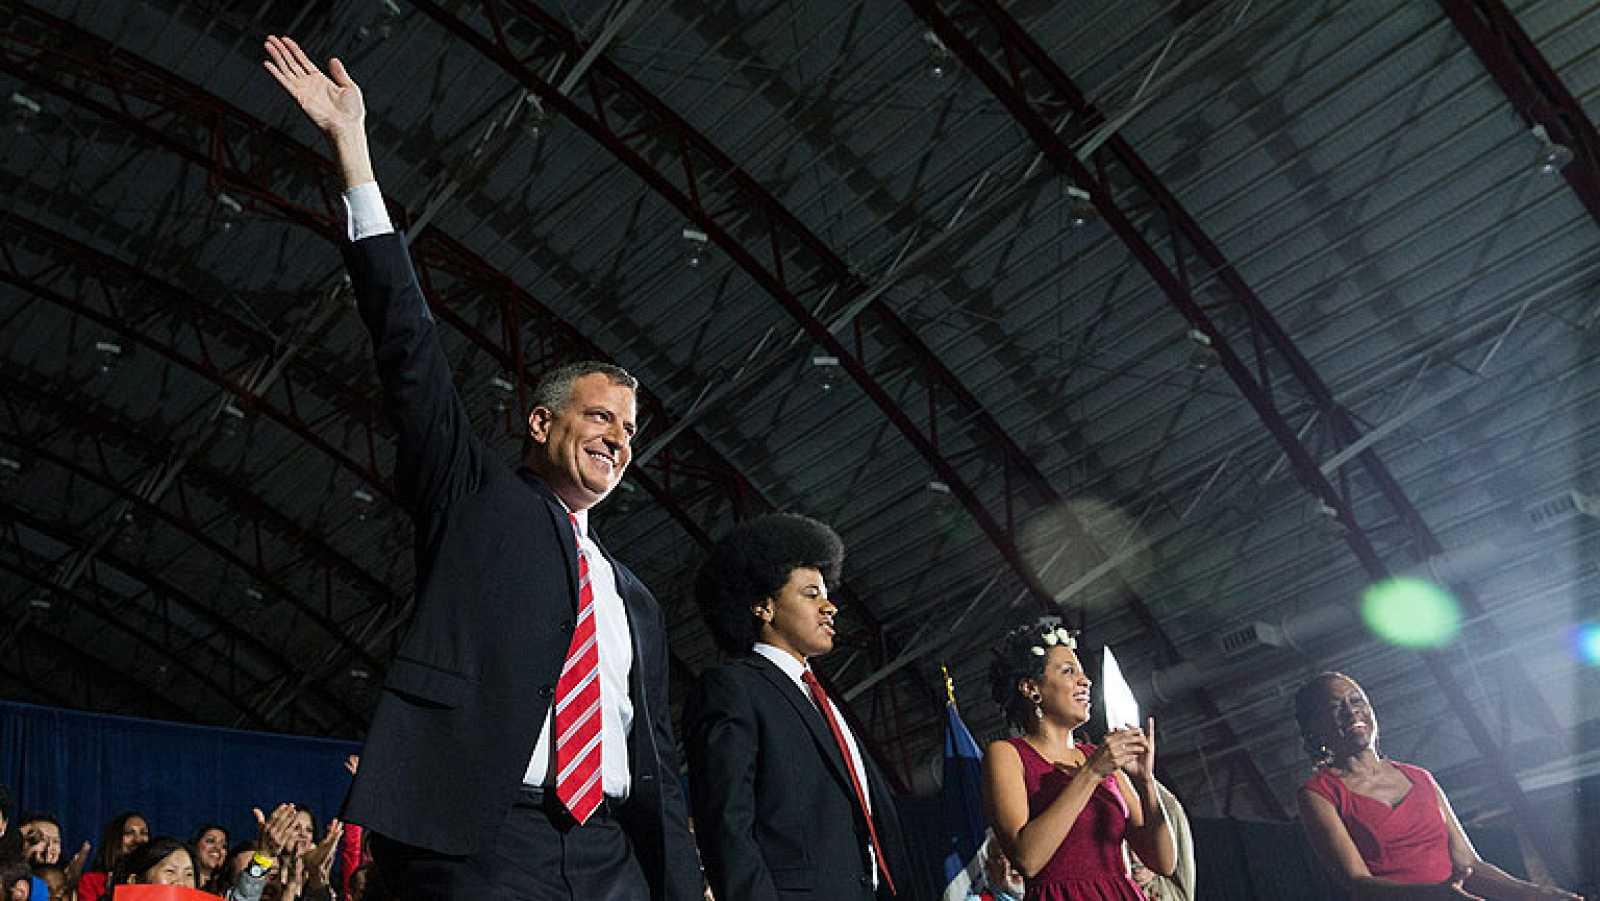 Victoria arrolladora del demócrata Bill de Blasio en las elecciones a la alcaldía de Nueva York